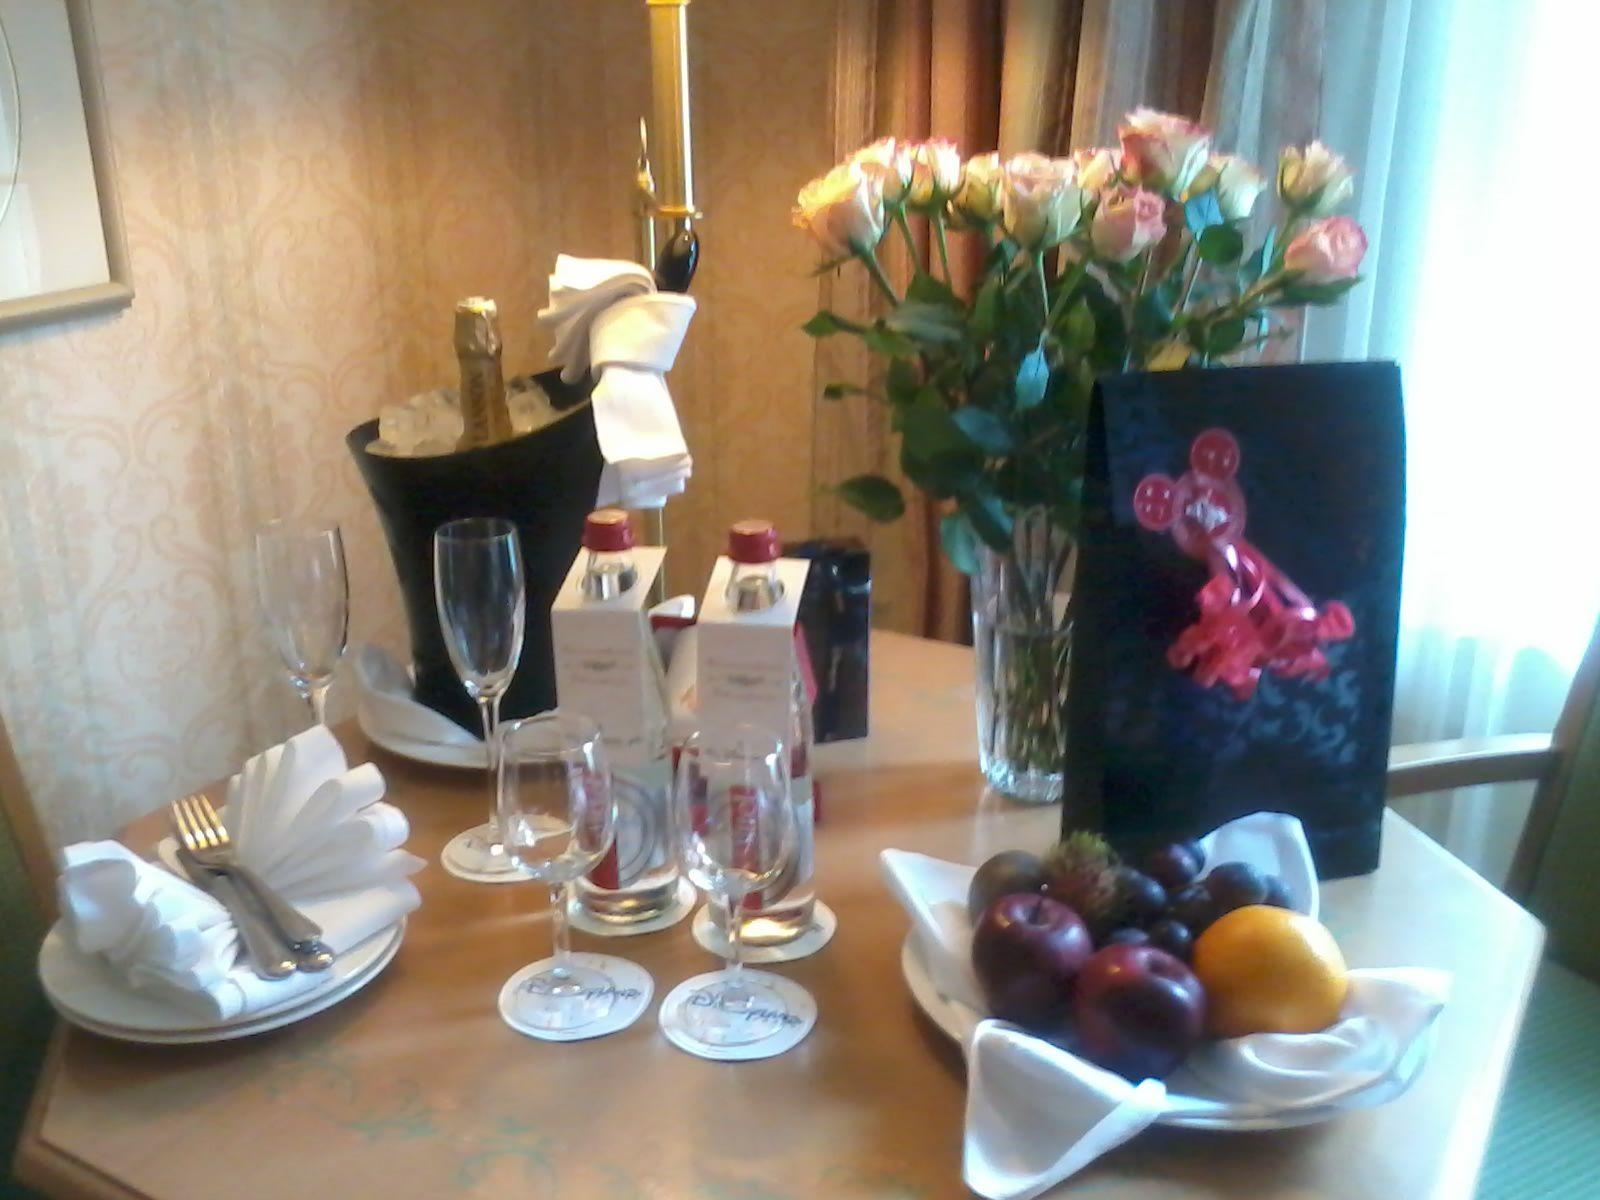 du champagne,un bouquet de fleurs,des fruits,un mug en porcelaine,et deux tasses a café a l'effigie de disneyland